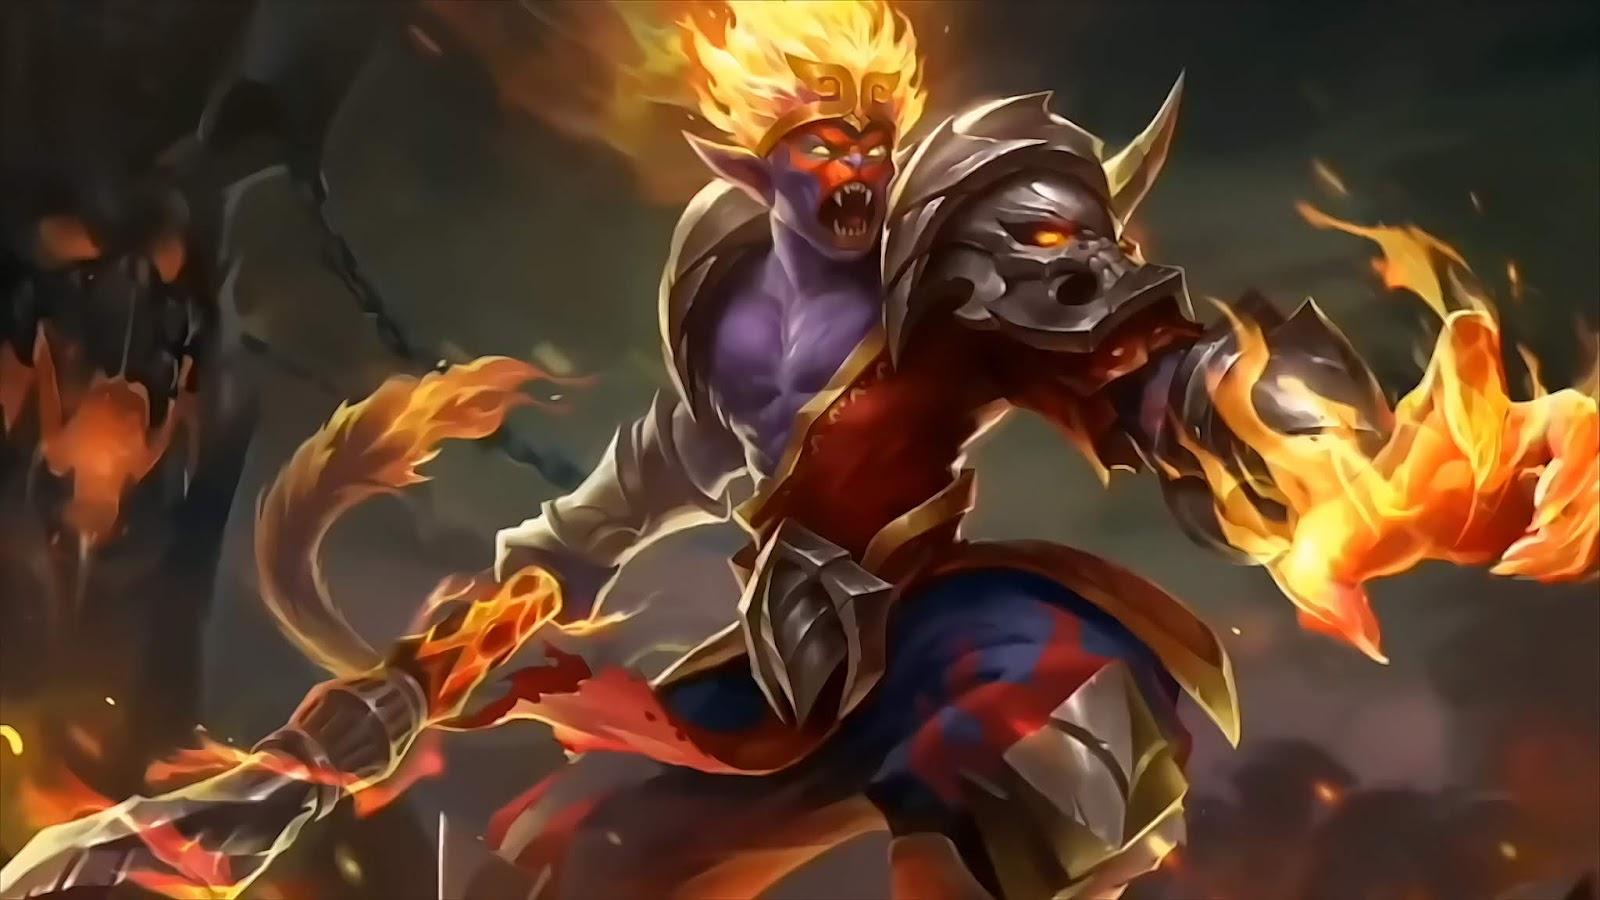 Wallpaper Sun Monkey King Old Skin Mobile Legends Full HD for PC